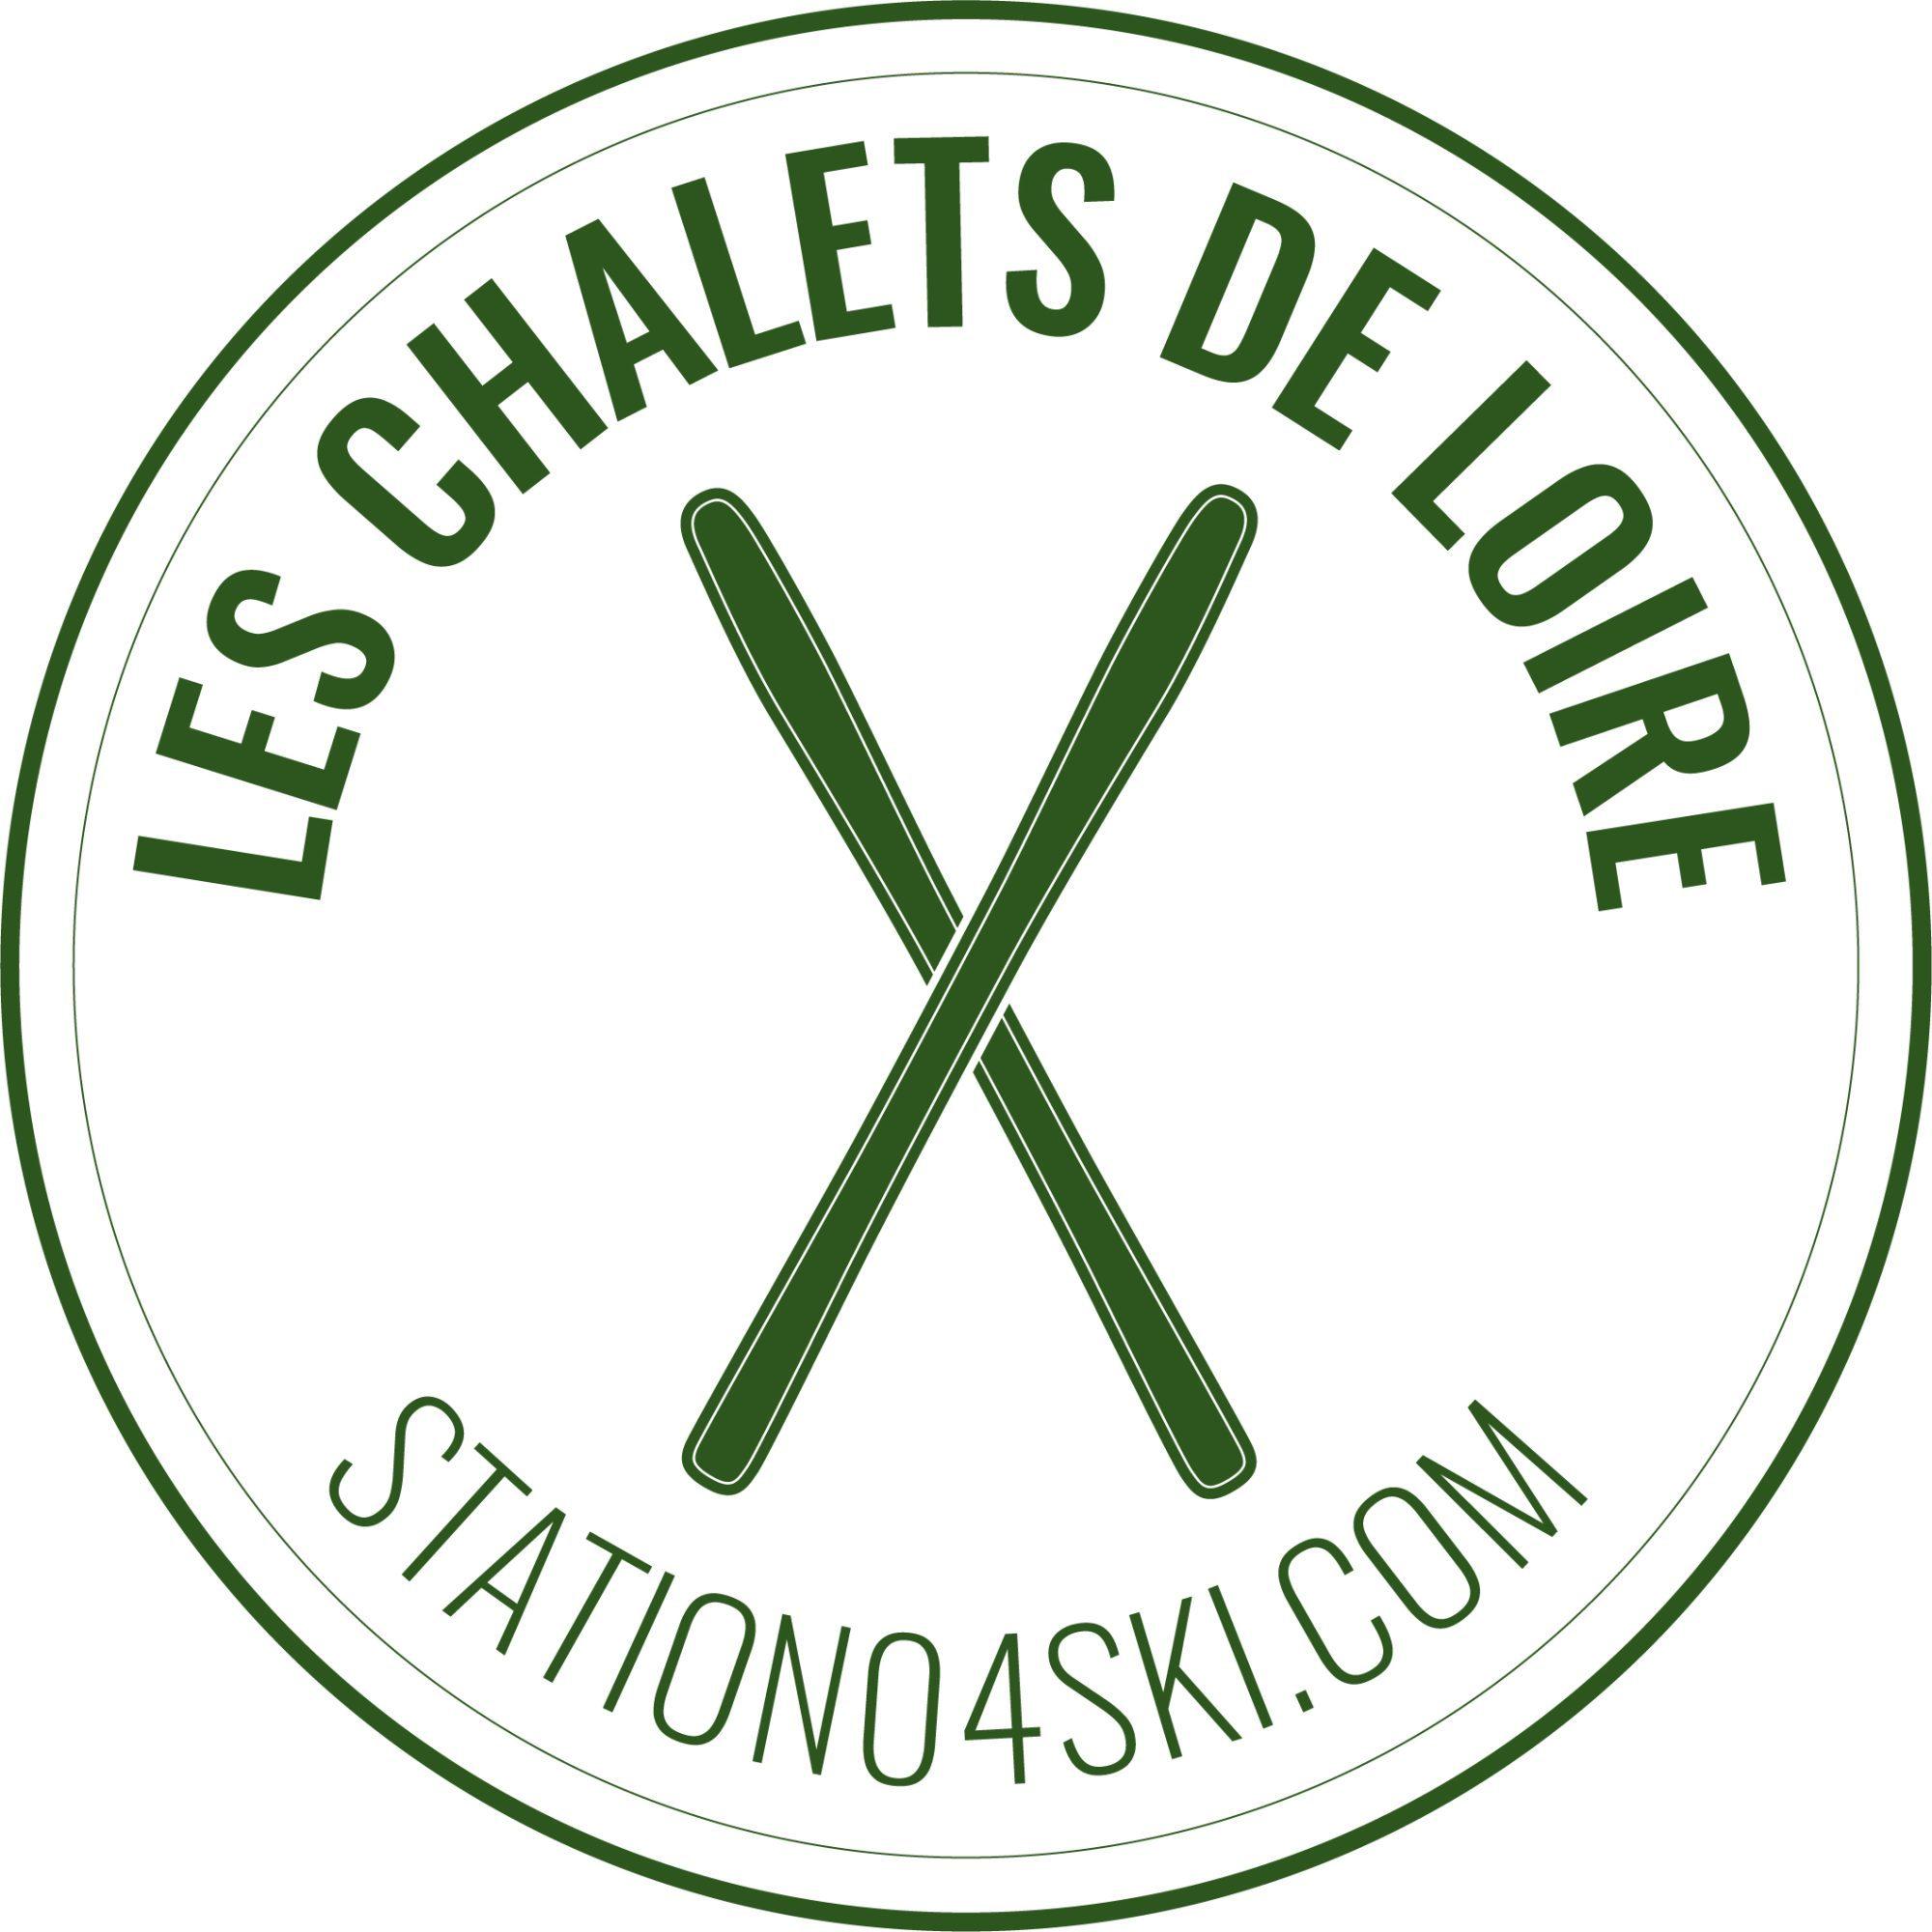 Station04ski.com / Les Chalets de Loire